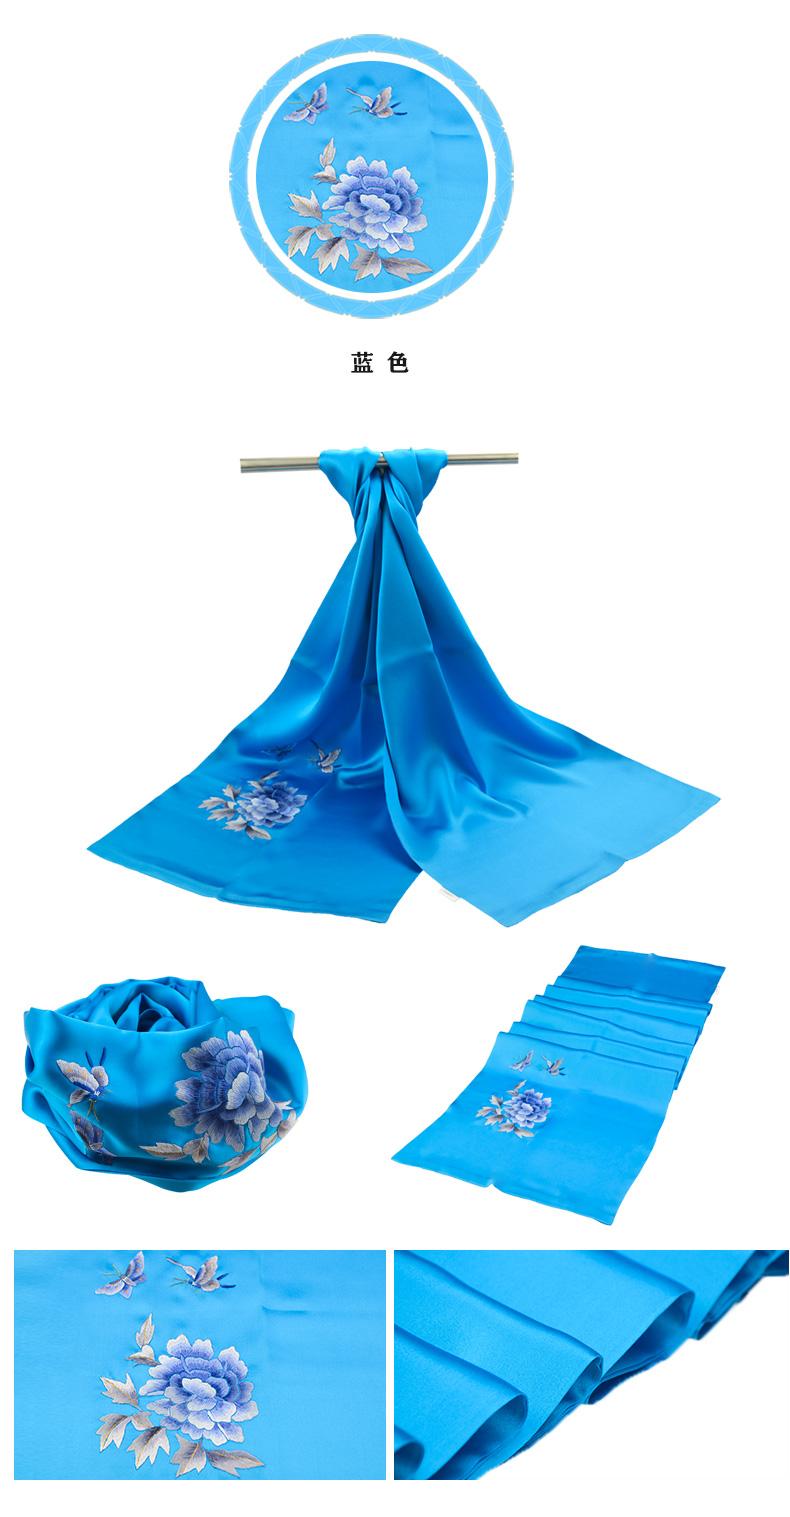 苏绣真丝成品刺绣围巾